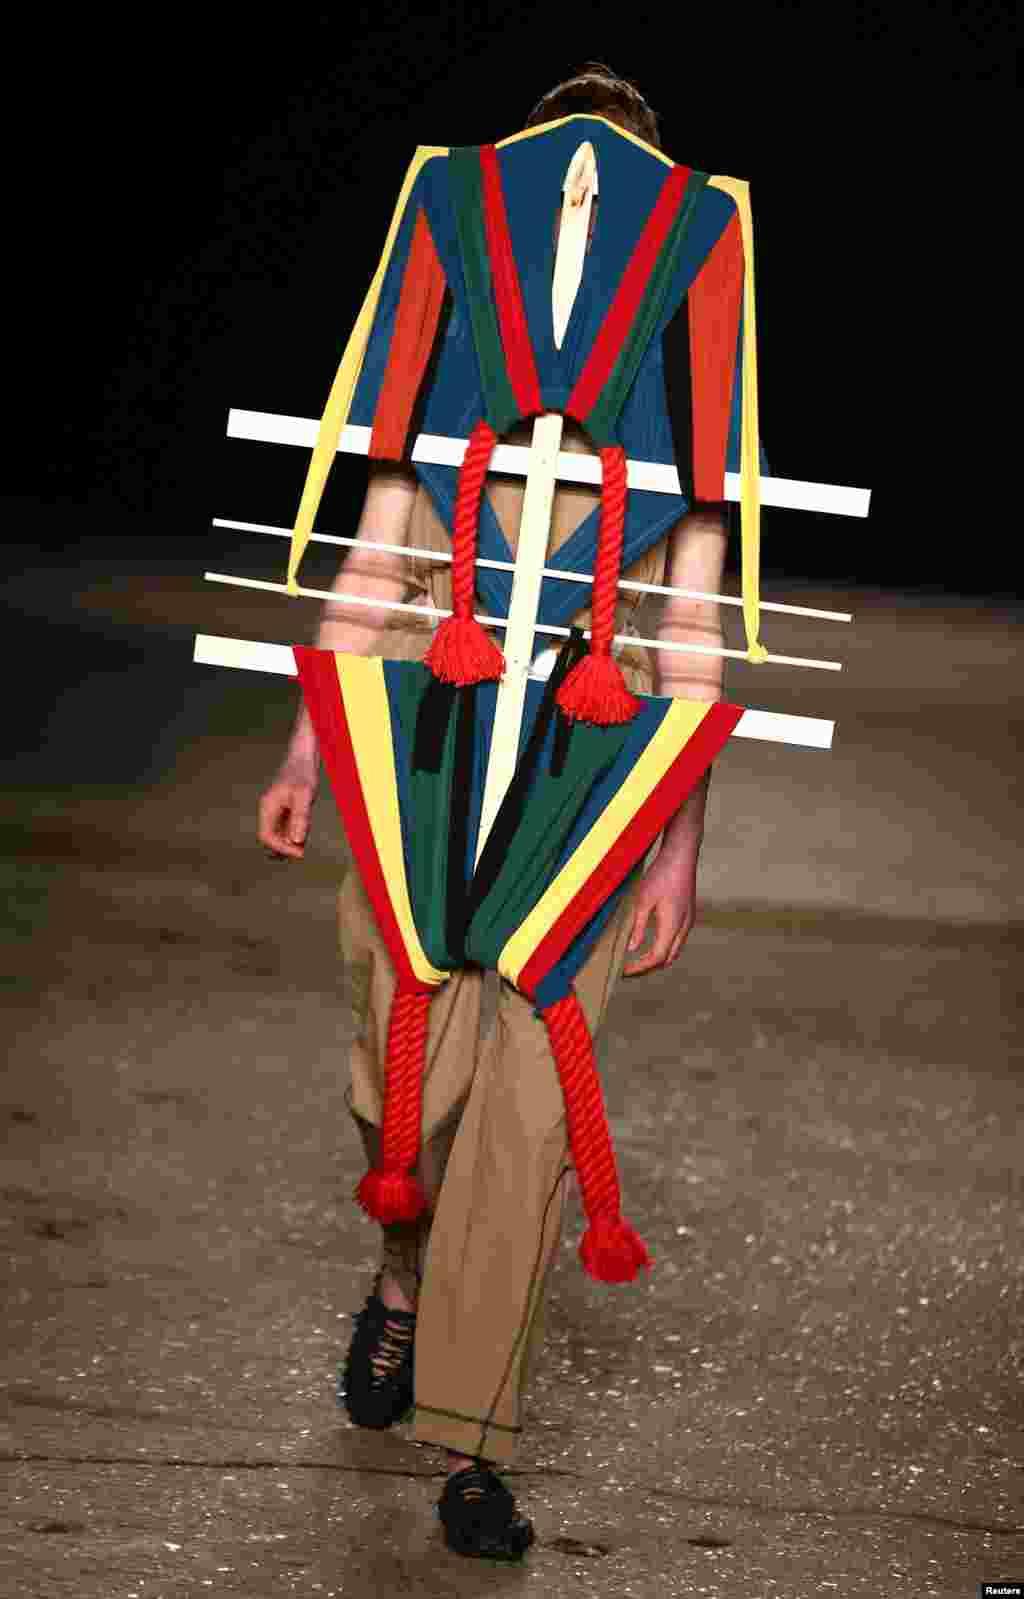 អ្នកបង្ហាញម៉ូដម្នាក់បង្ហាញម៉ូដមួយនៅក្នុងការតាំងពិព័រណ៍ Craig Green ក្នុងកម្មវិធី London Fashion Week Men's។